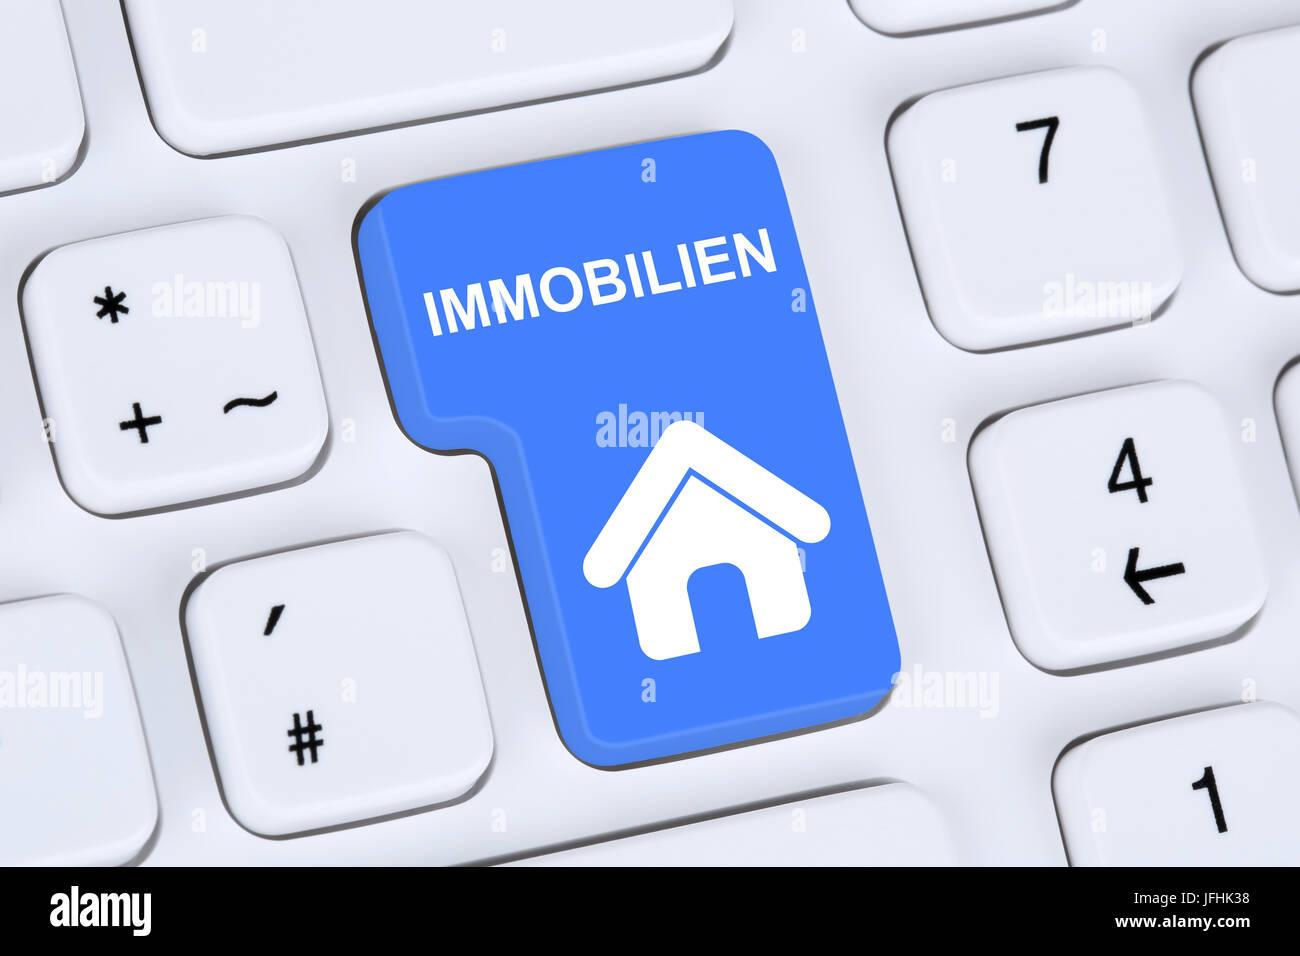 Immobilie oder Immobilien kaufen und verkaufen online auf Computer - Stock Image